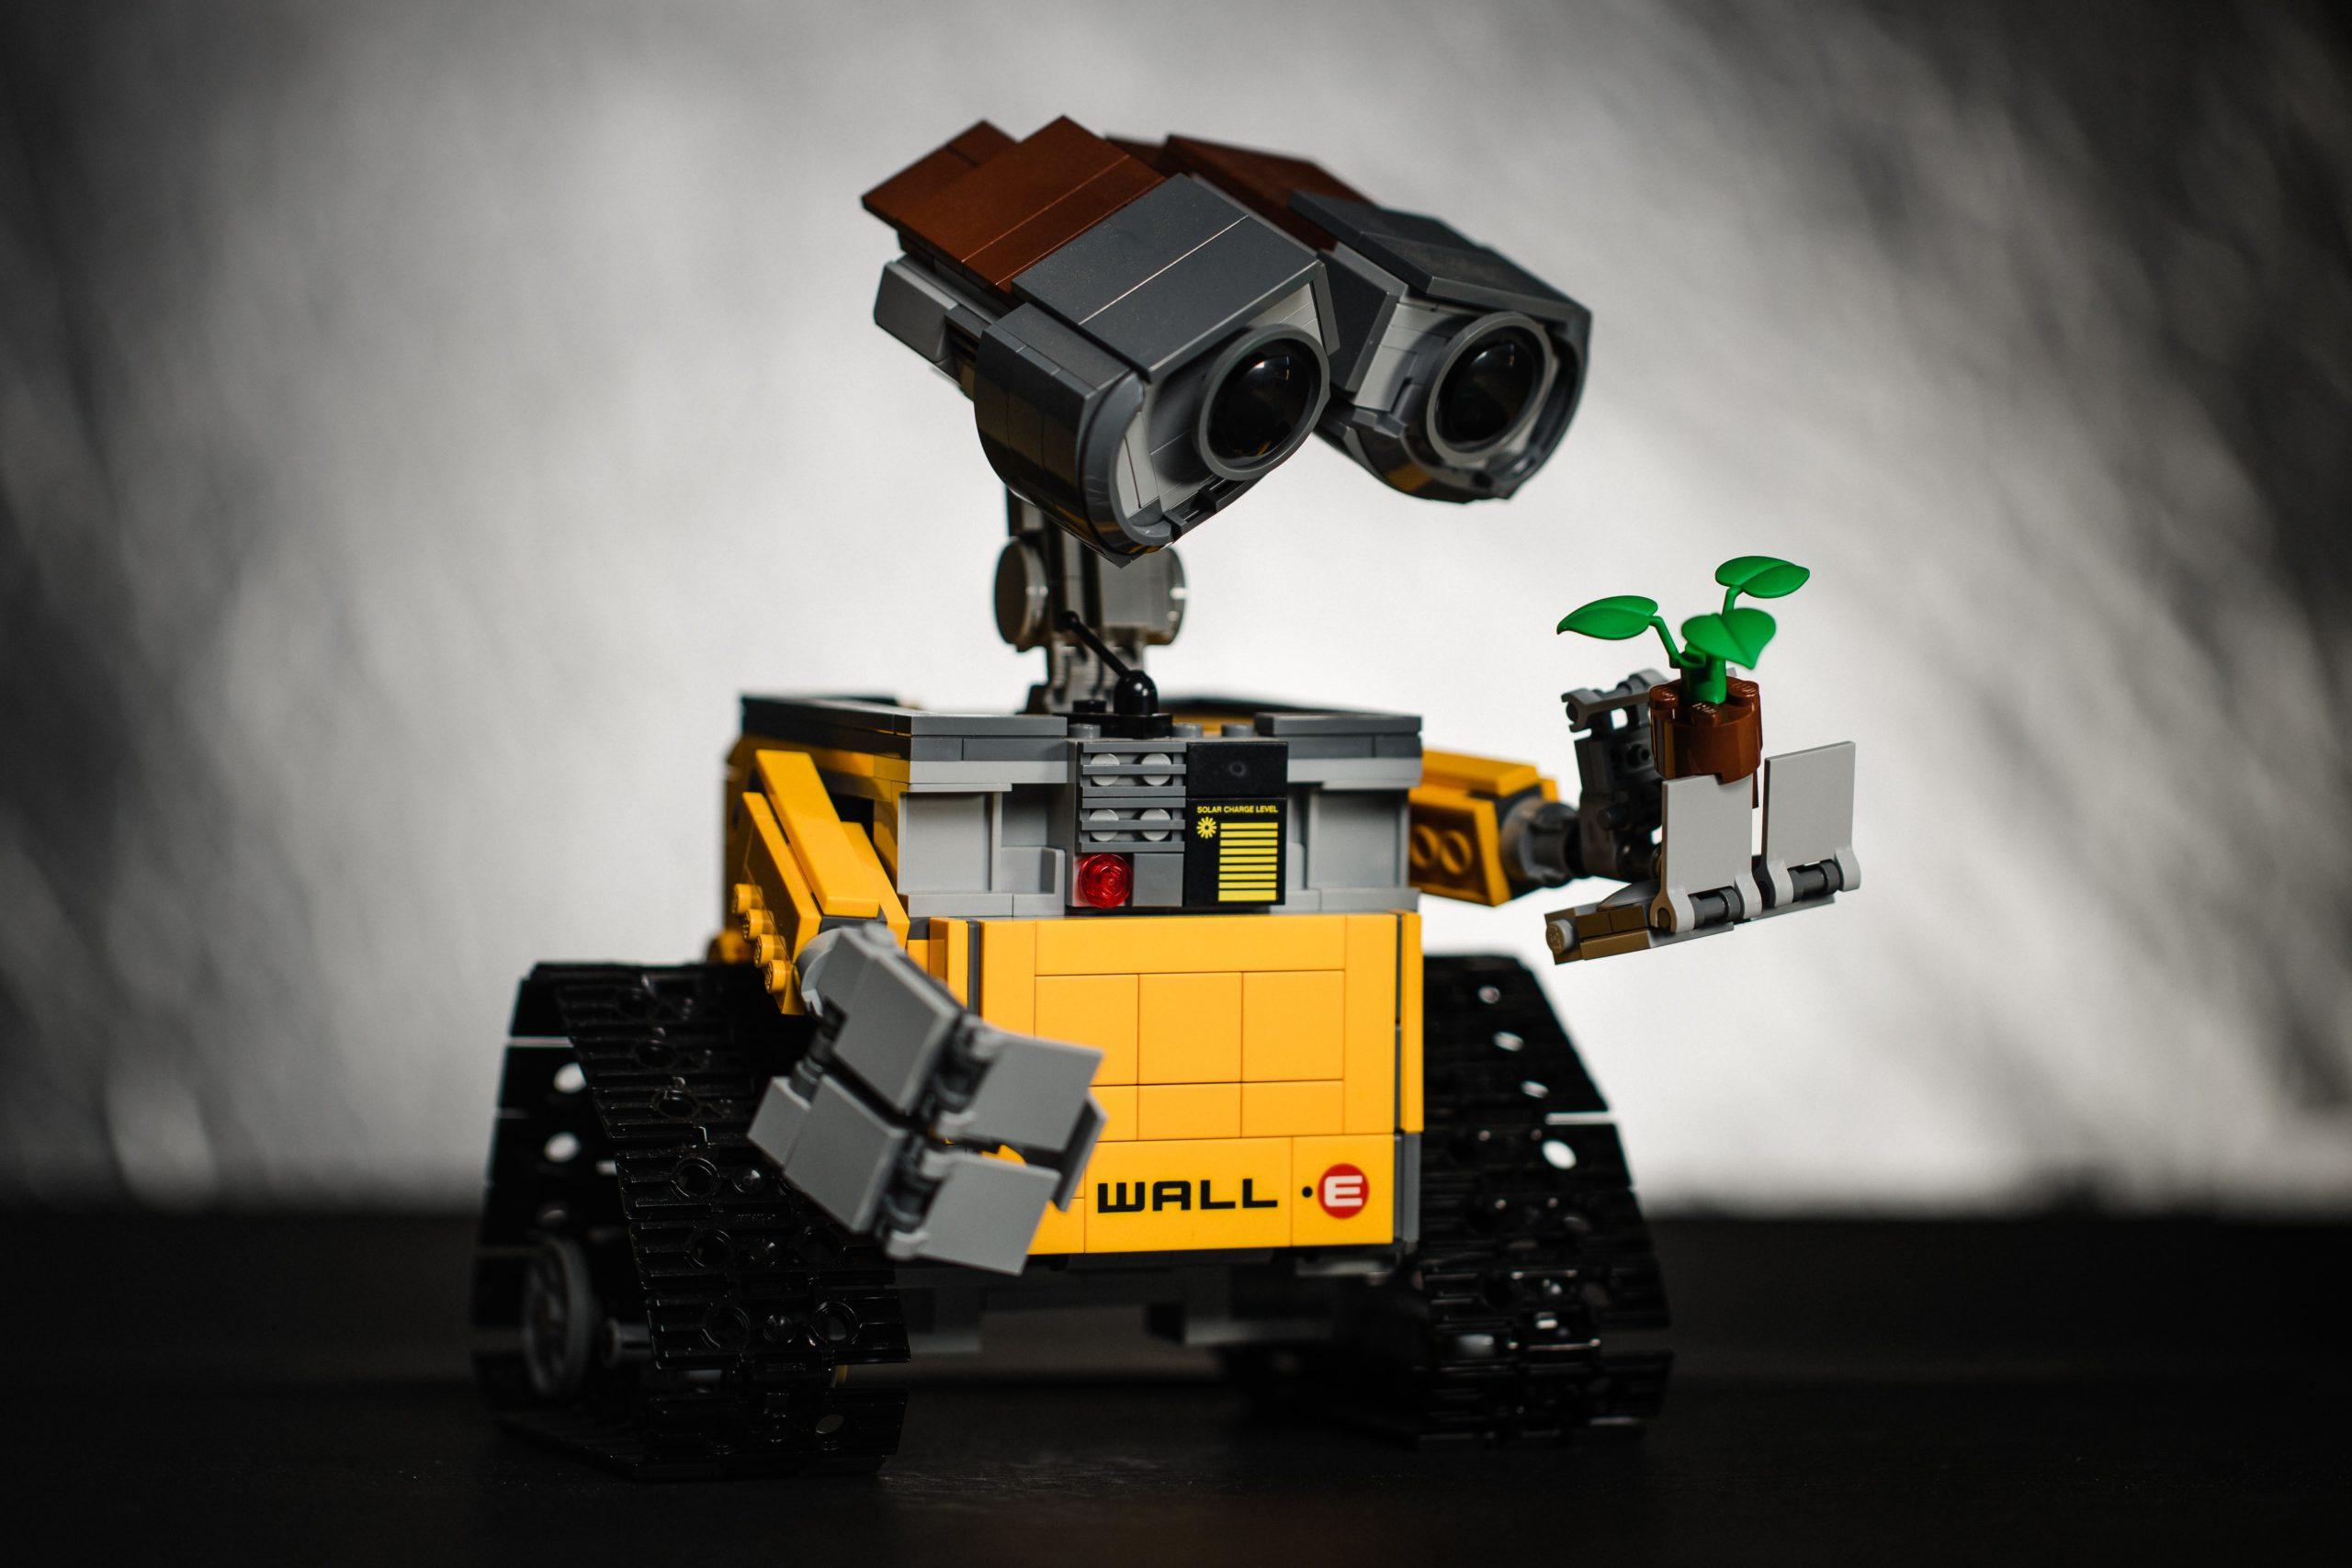 Inteligência Artificial: ultrapassando ou ajudando o ser humano?